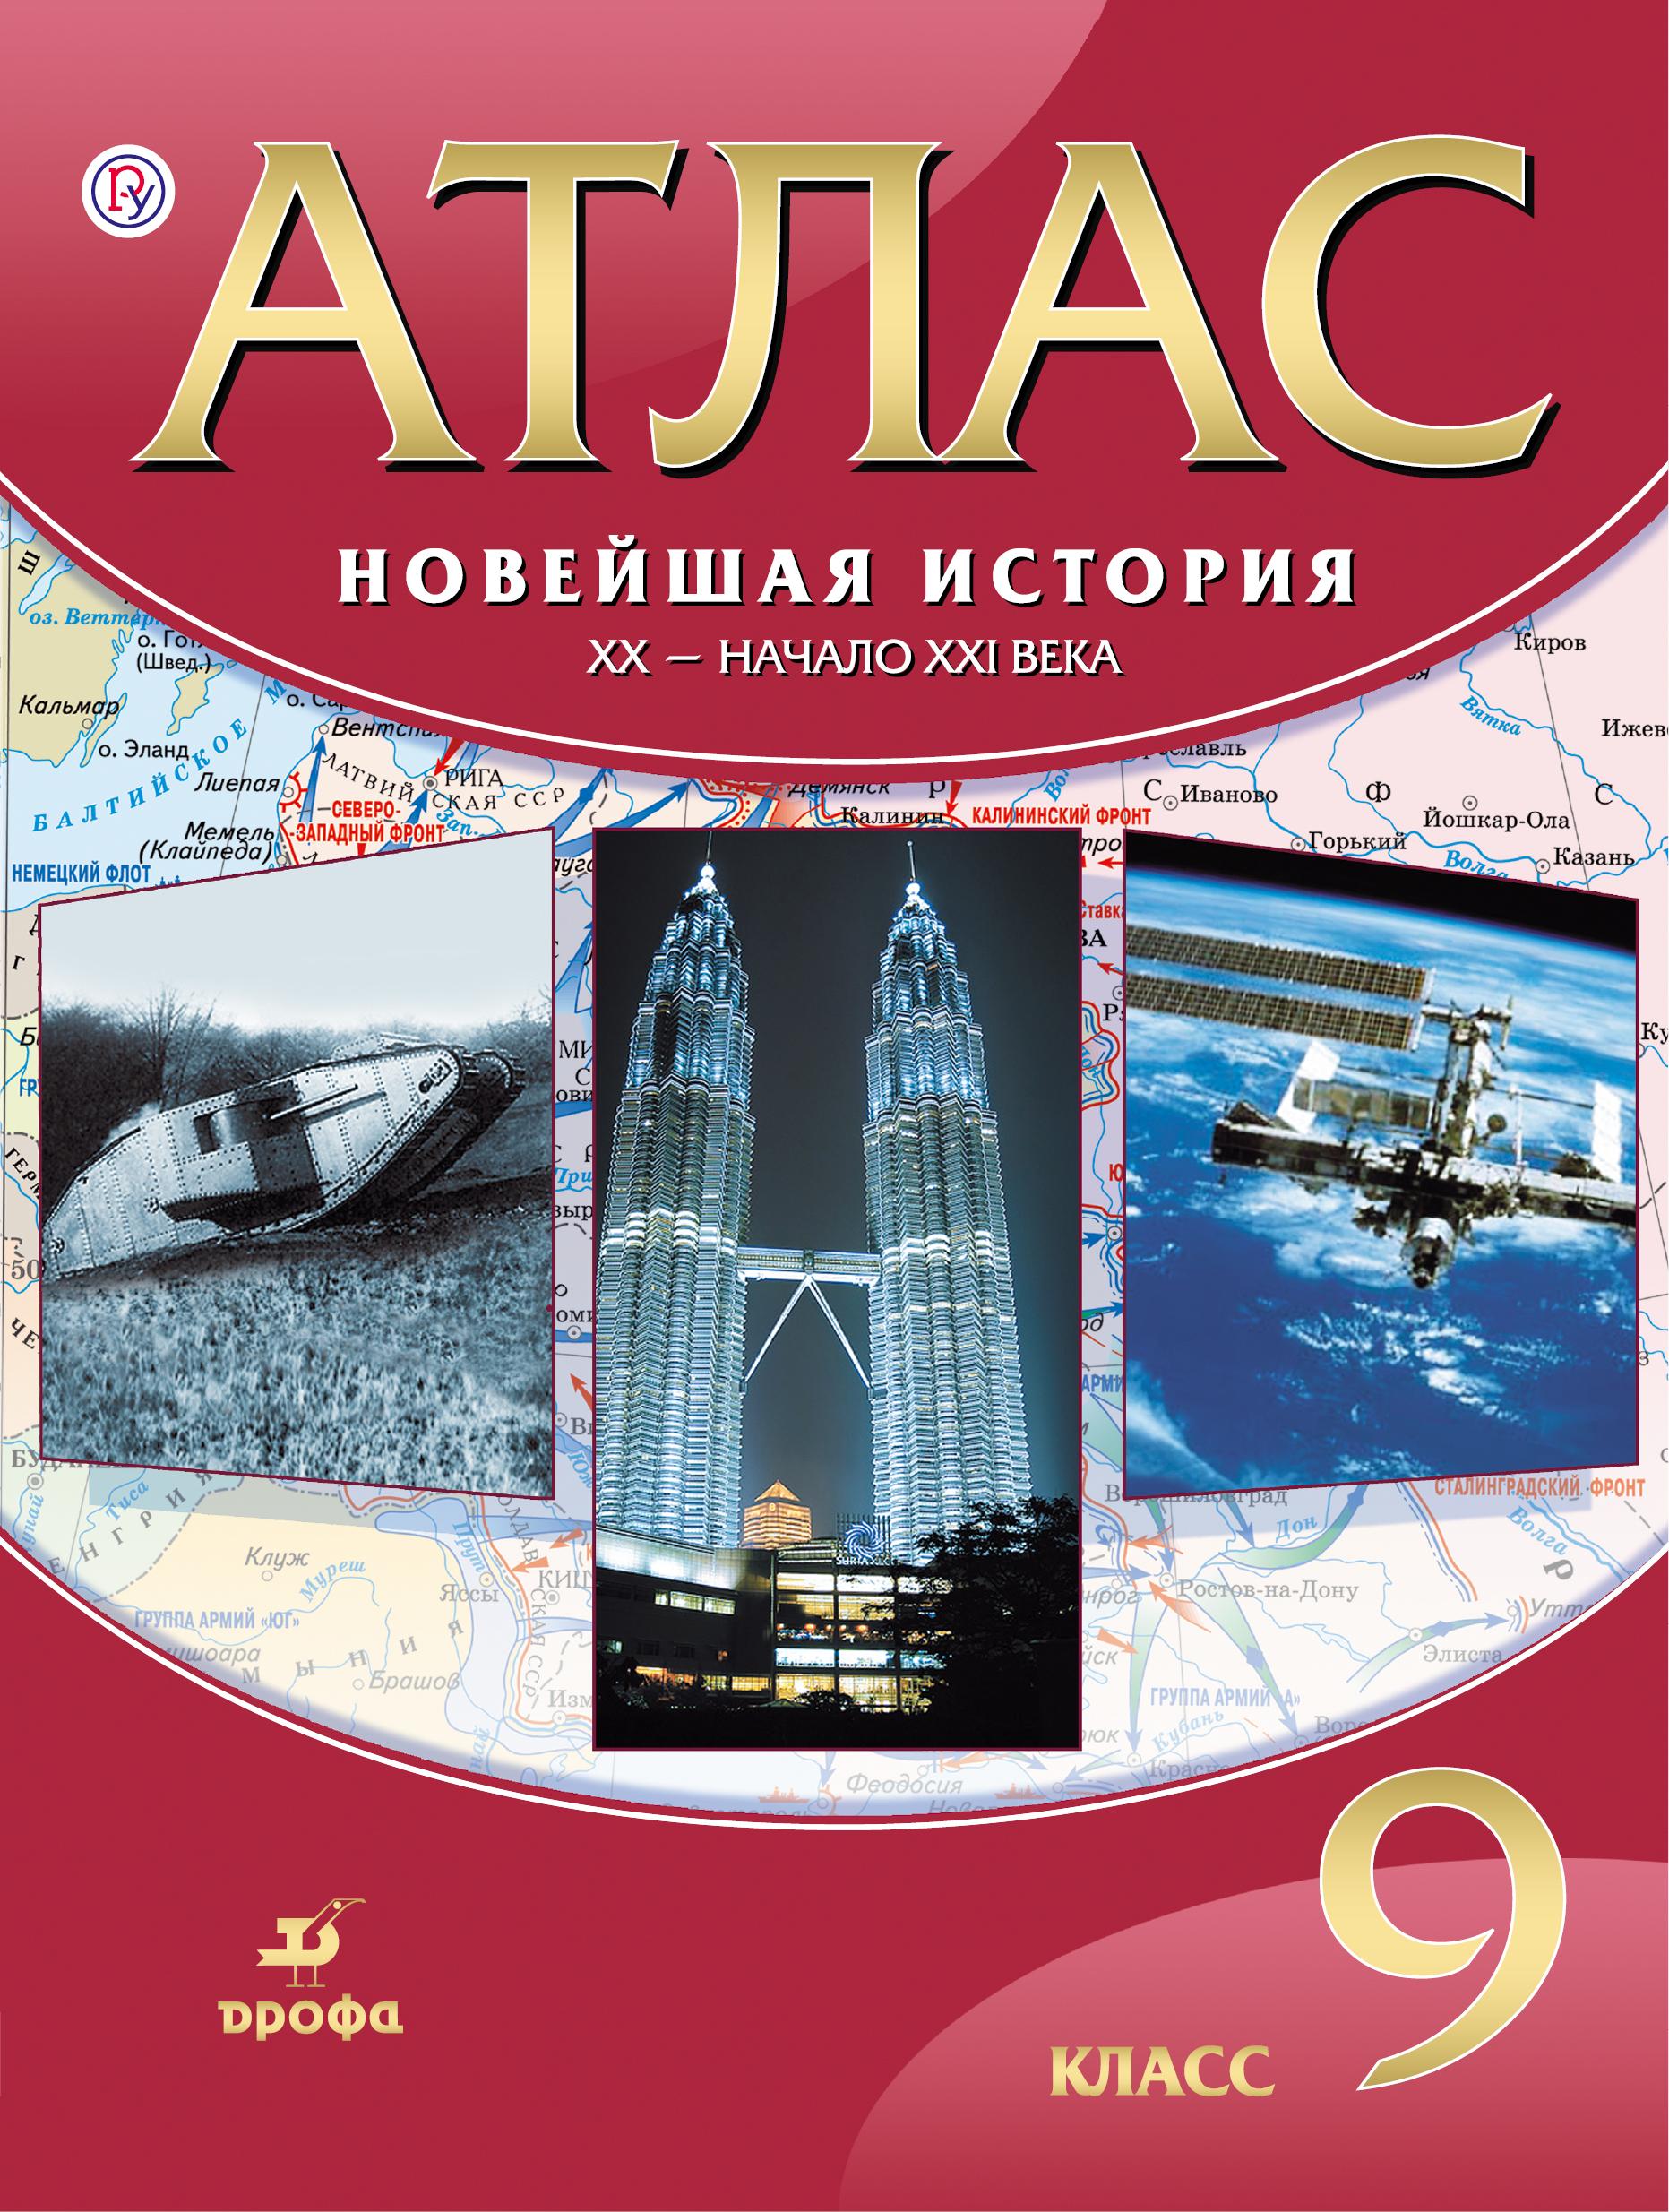 Новейшая история. ХХ – начало ХХI века. 9 класс. Атлас